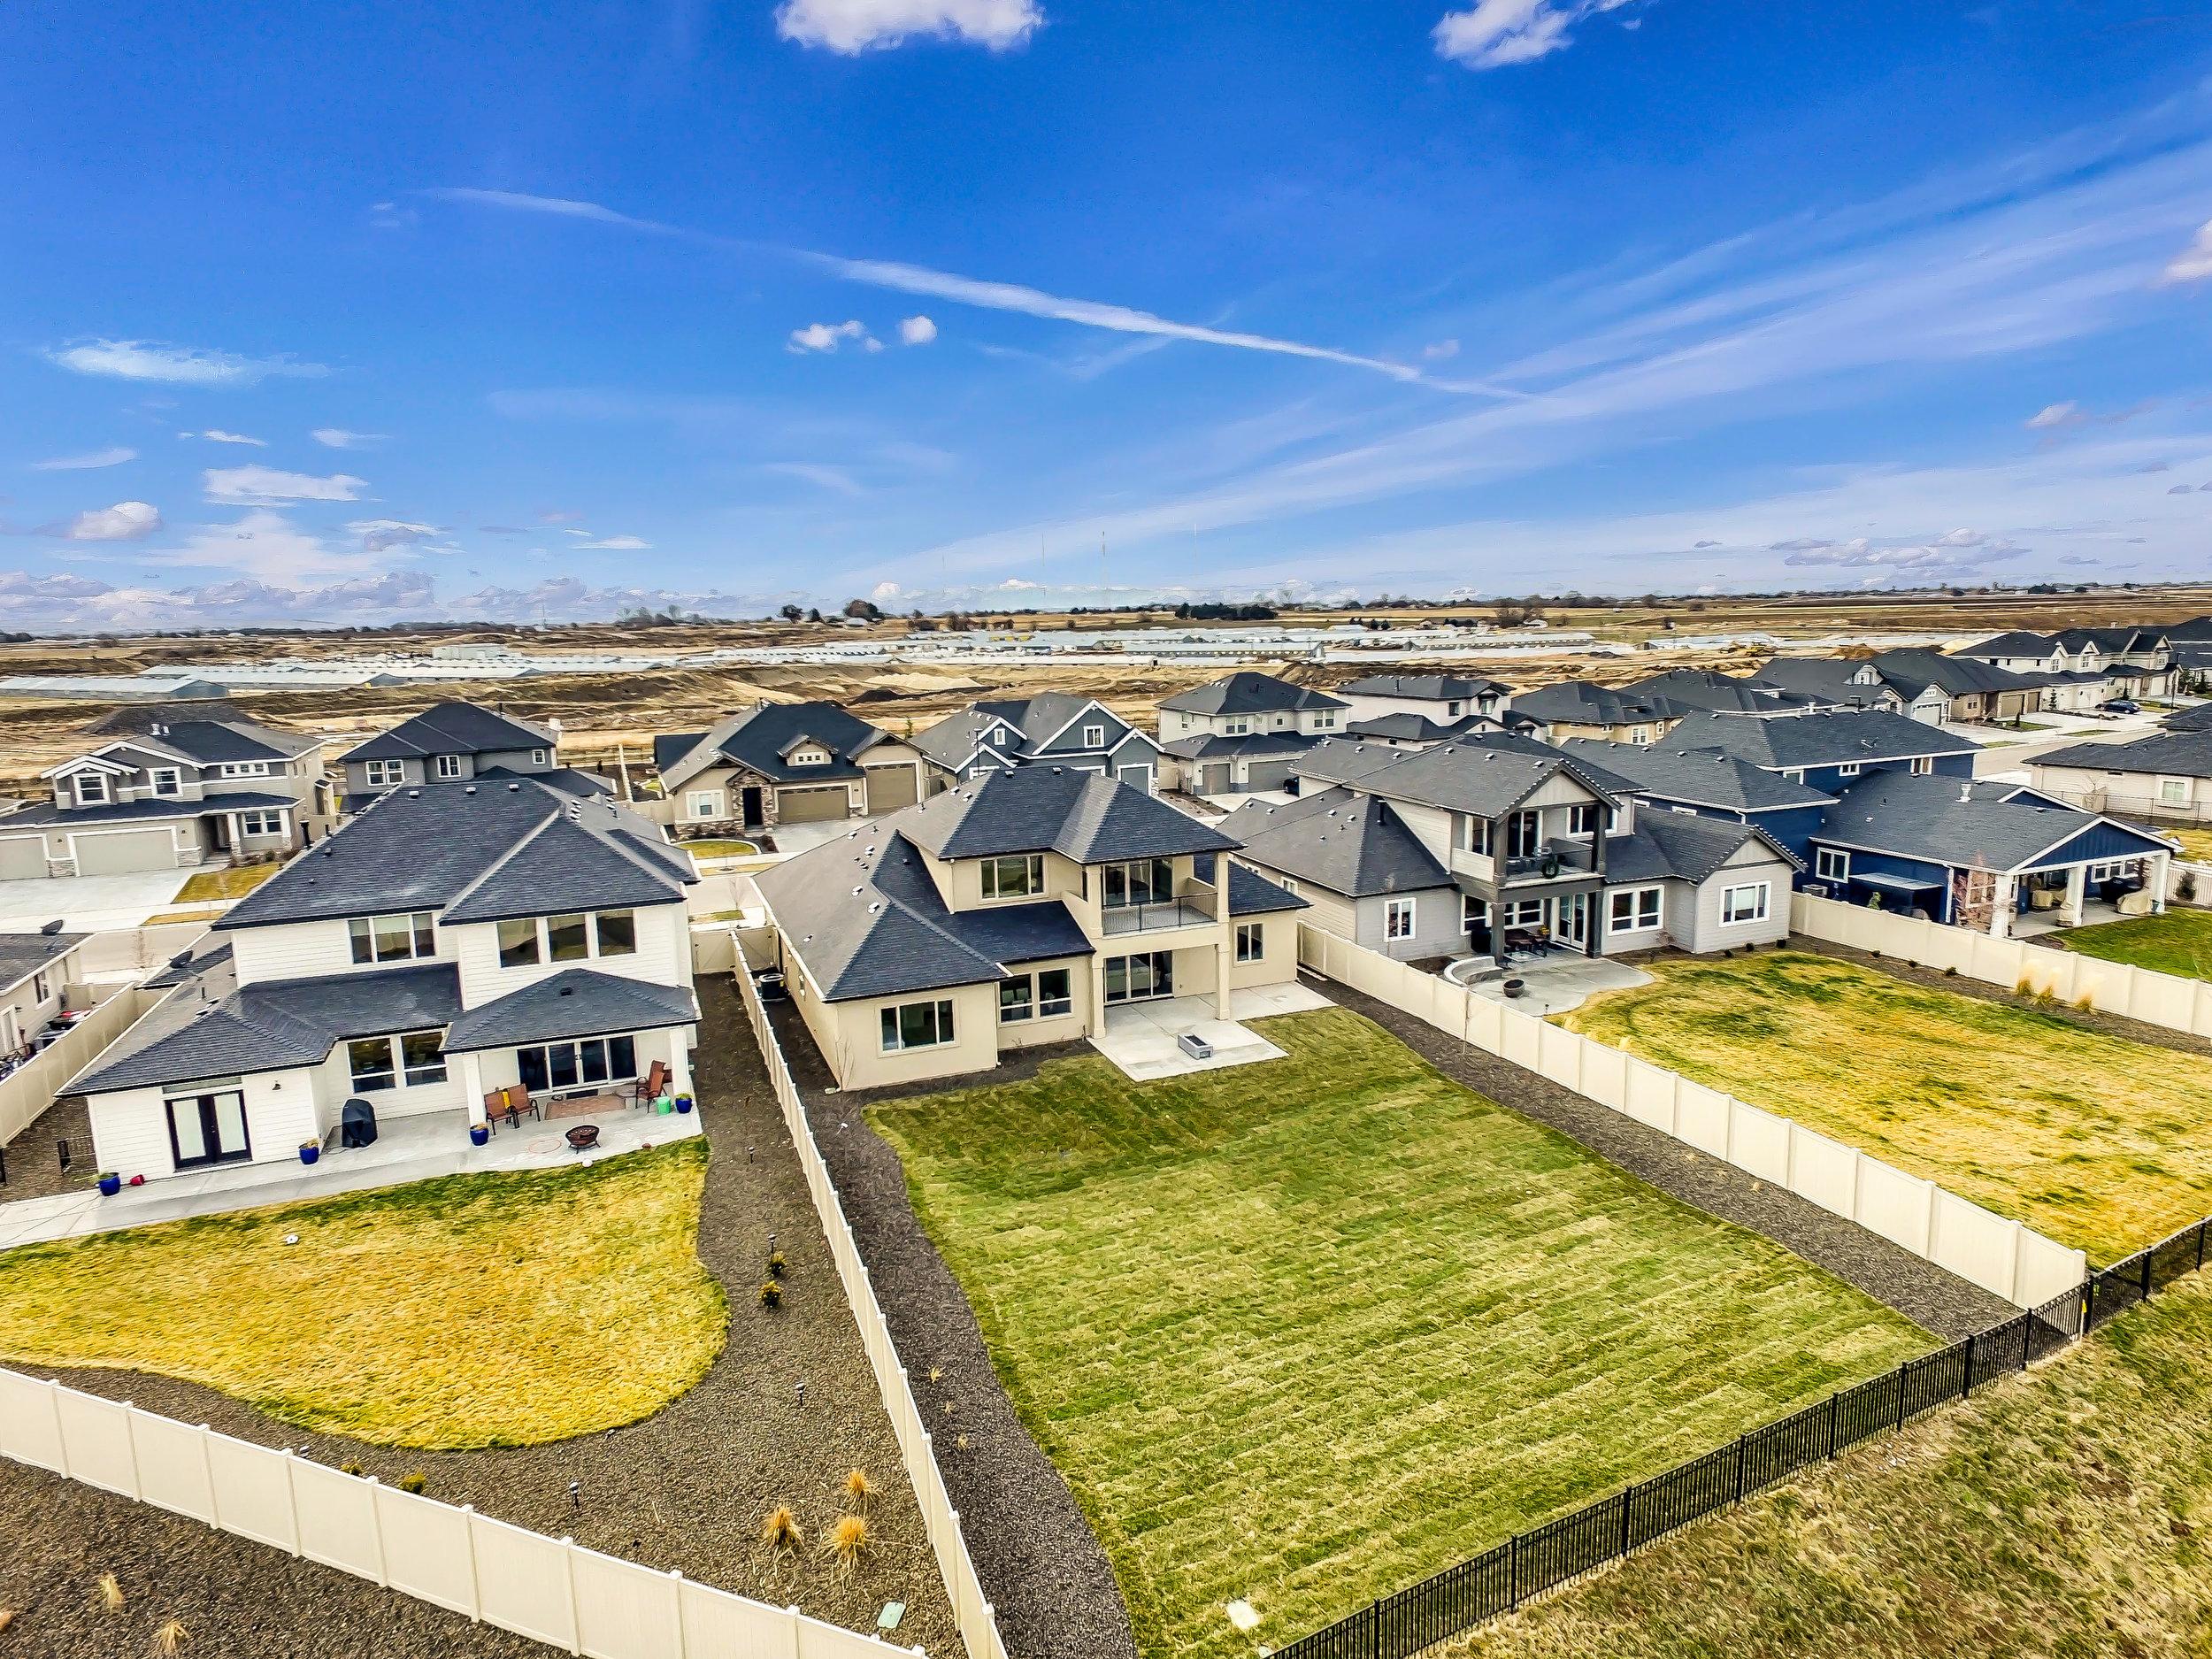 081_Aerial View.jpg